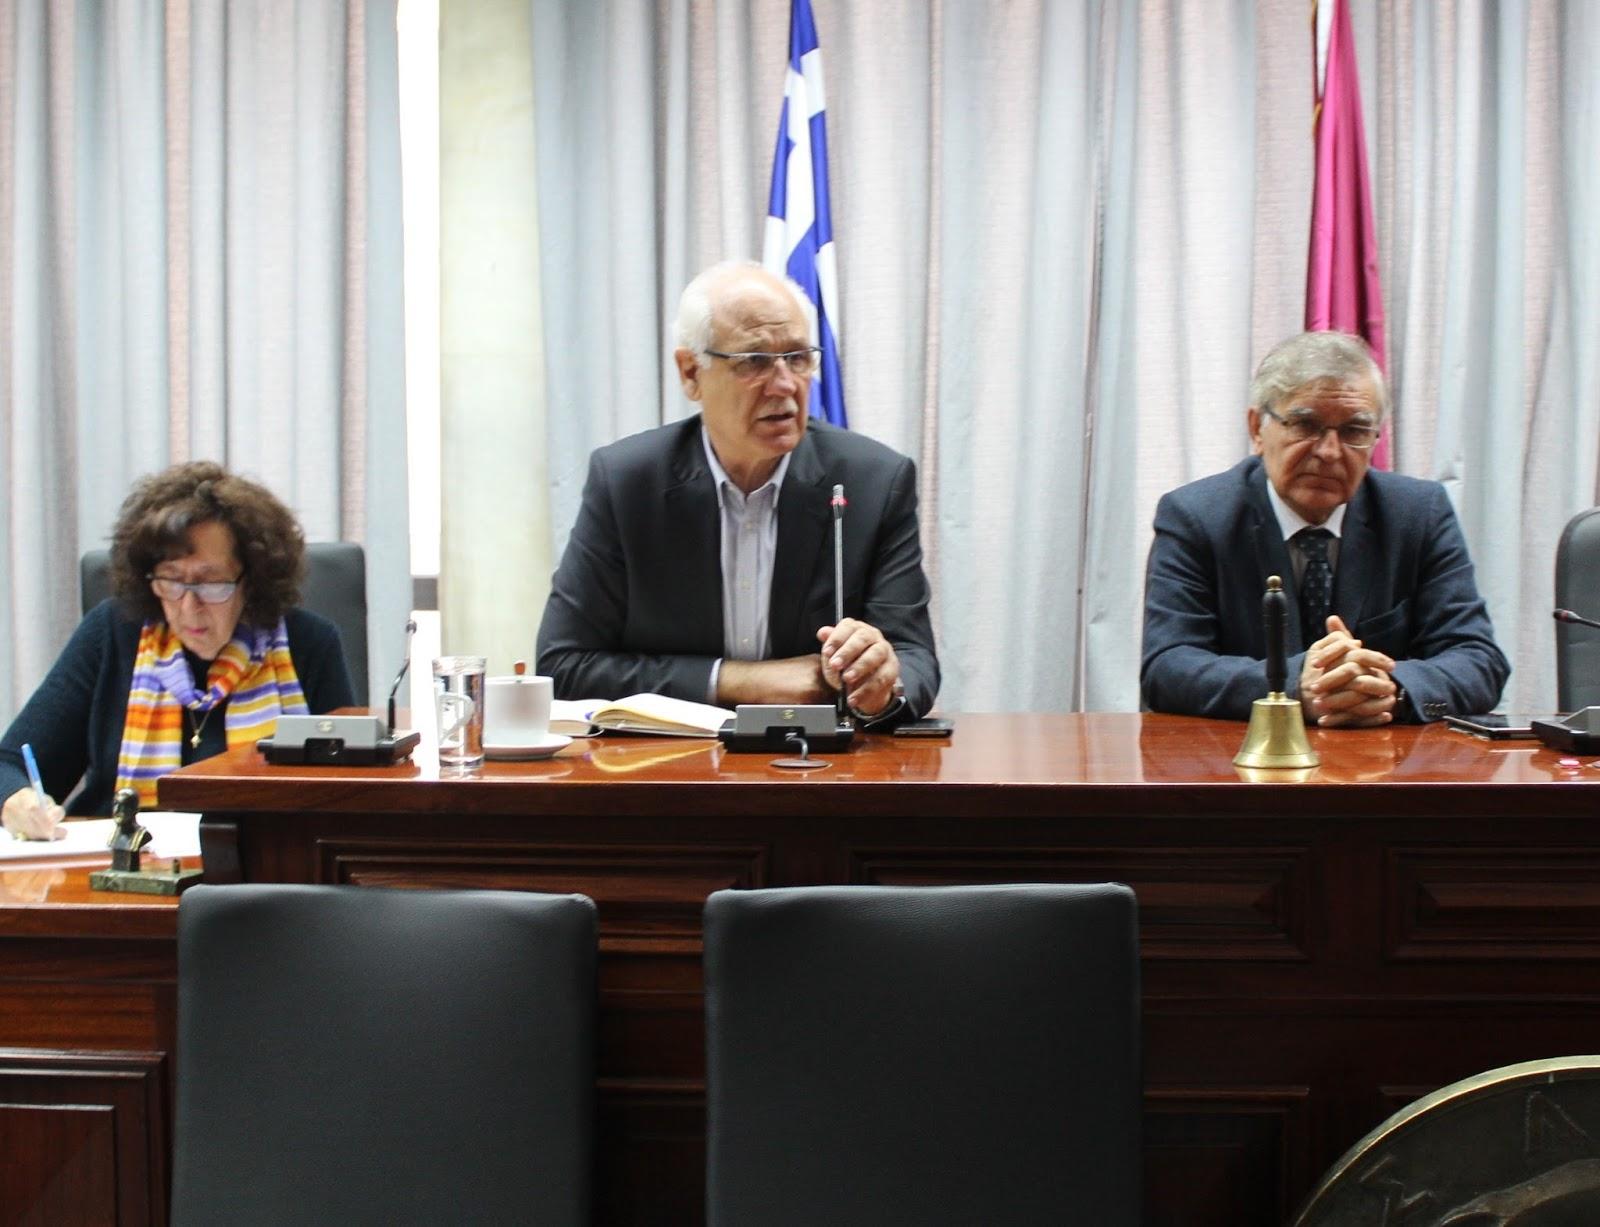 Ευρεία σύσκεψη στο Δημαρχείο Λάρισας για την κατάσταση στα «Νταμάρια» (ΦΩΤΟ)